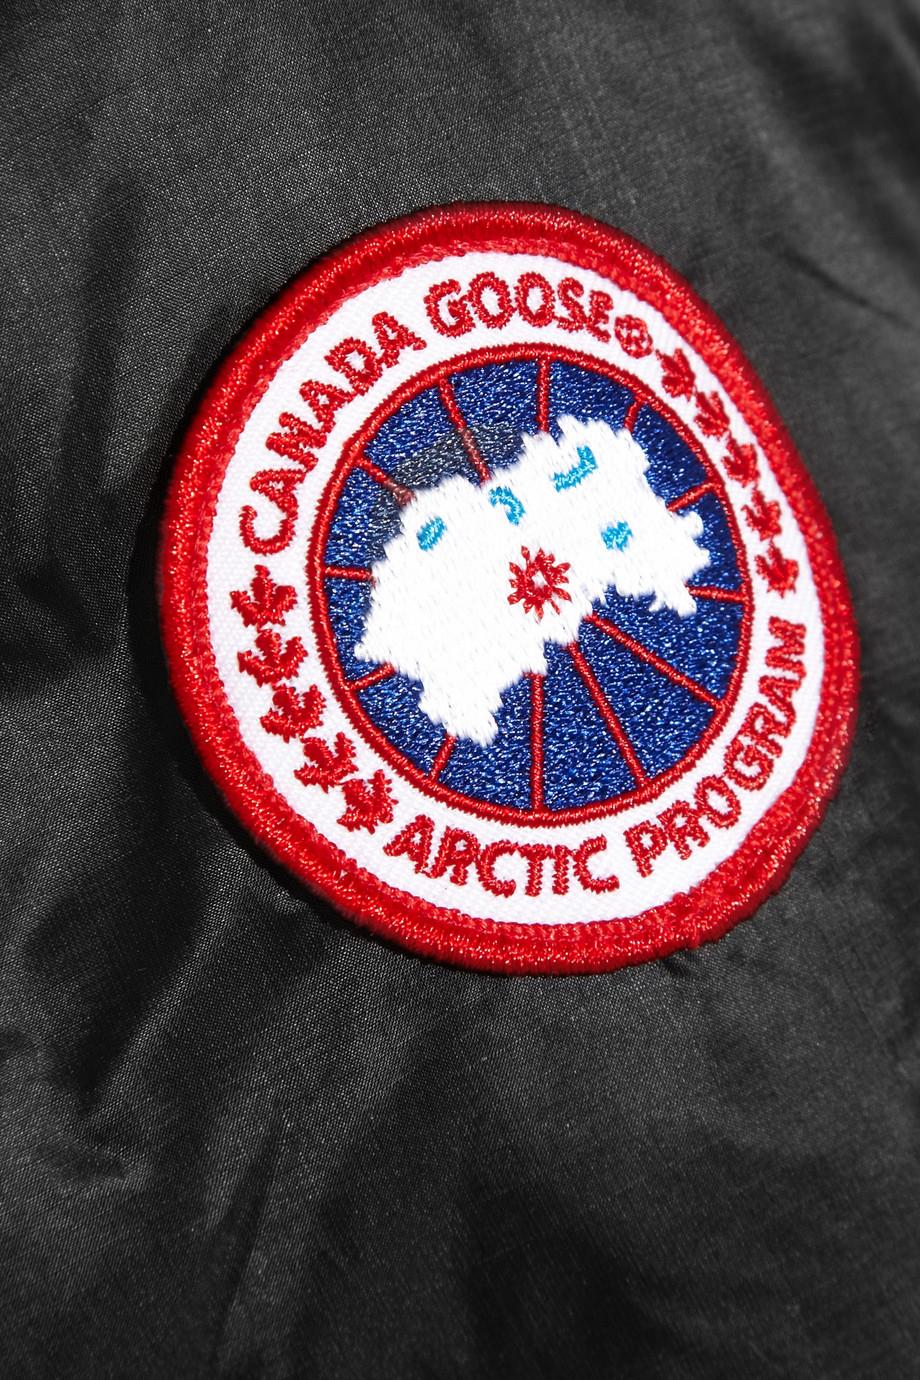 canada goose badge real vs fake